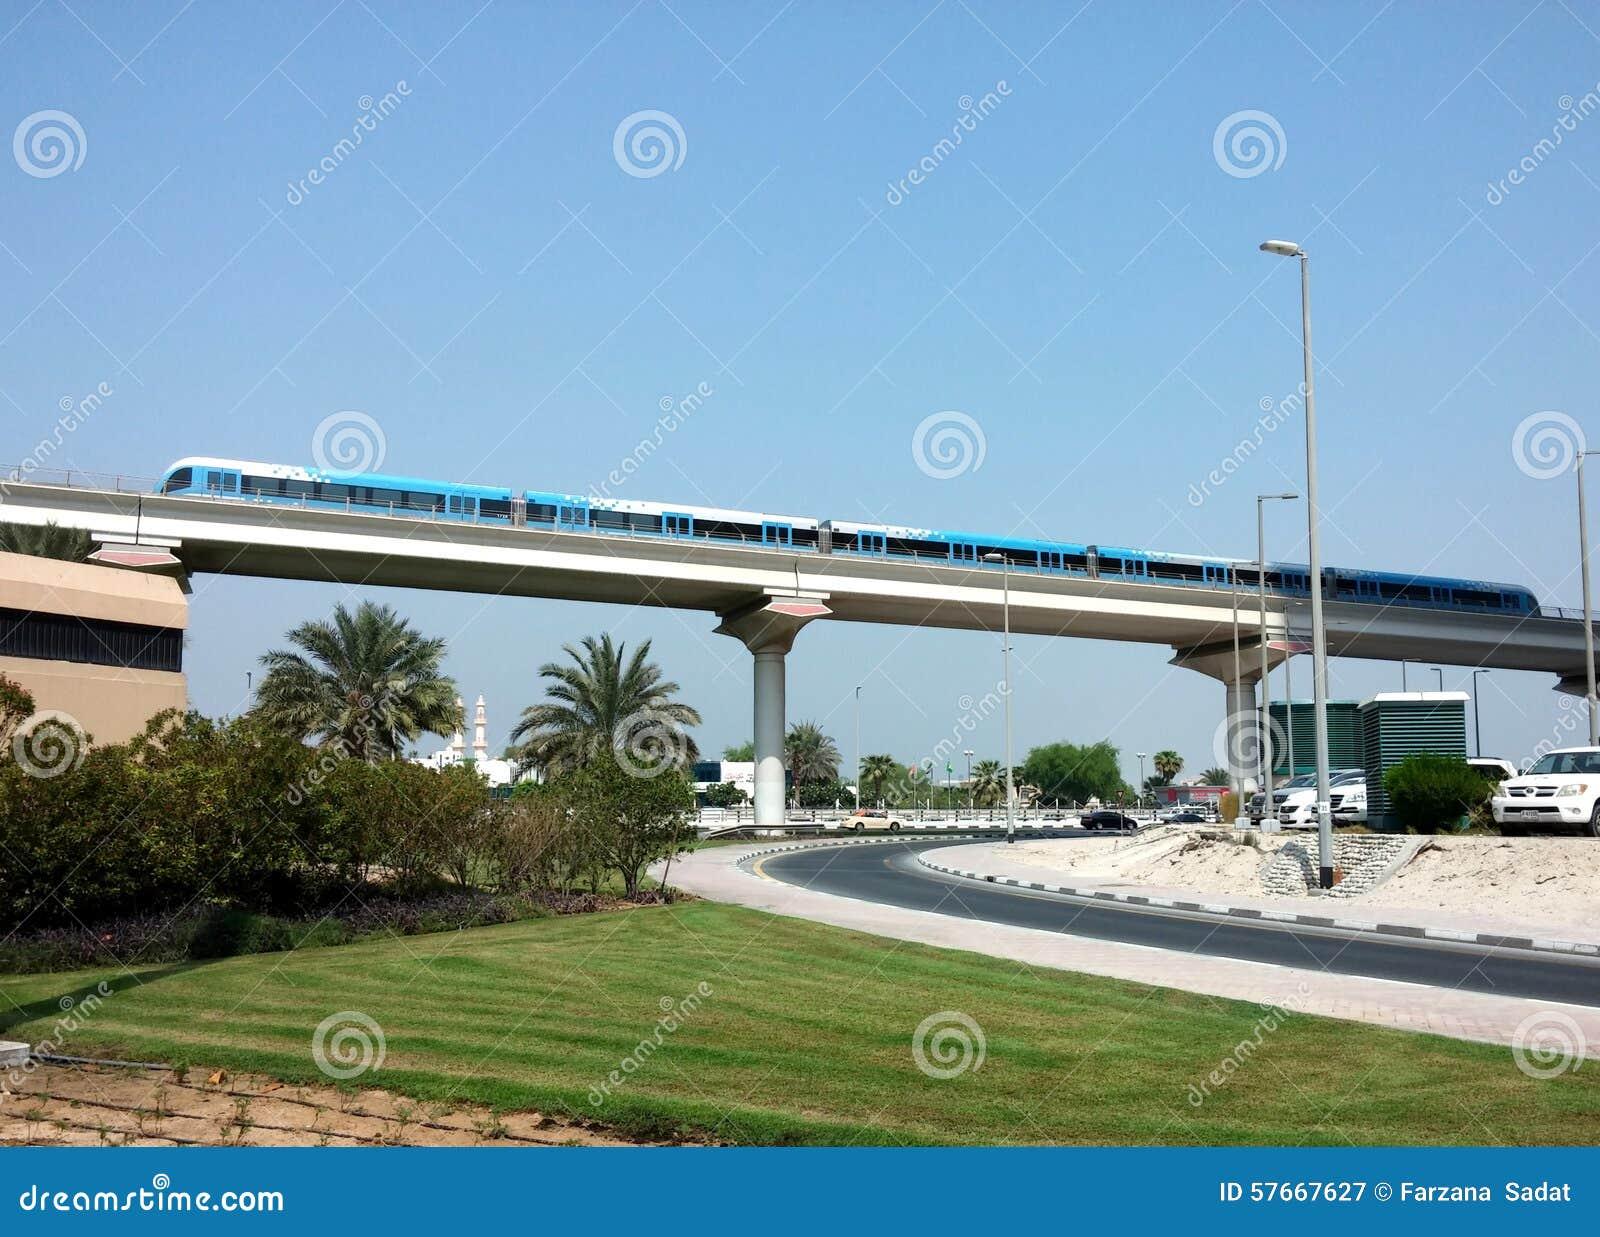 Dubaj metro